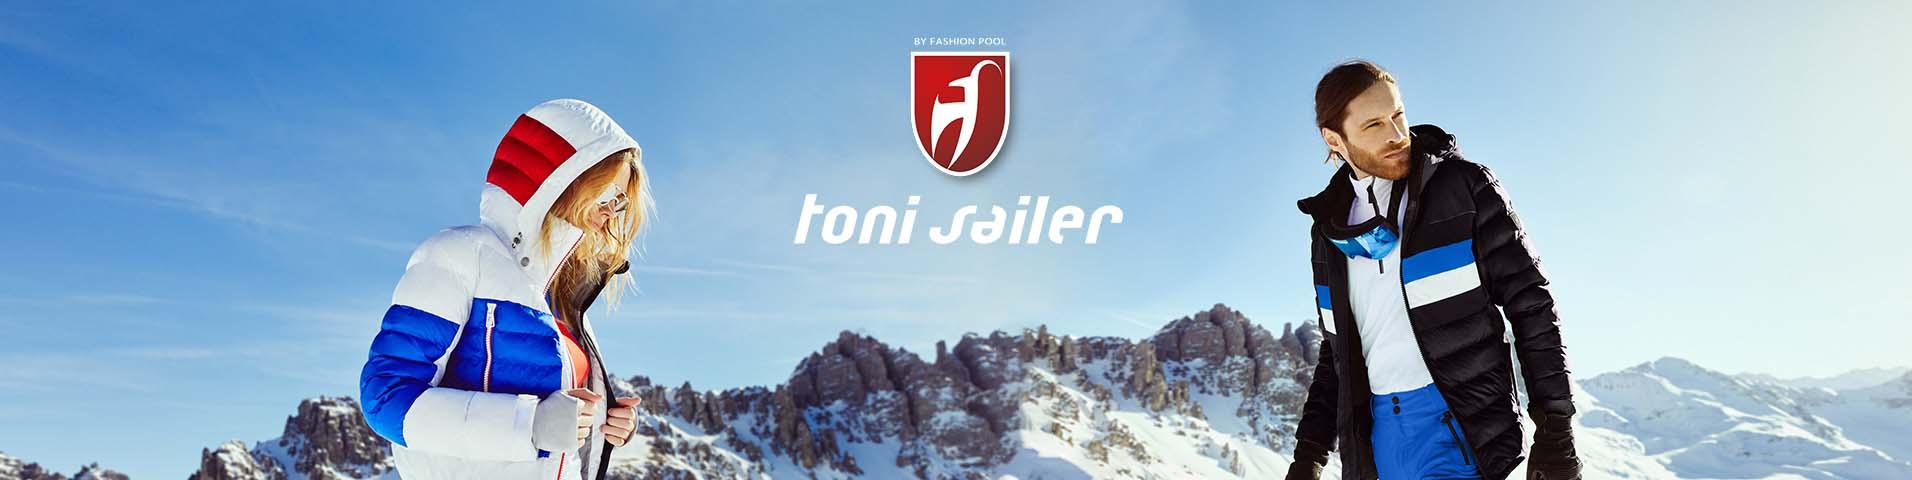 Toni Sailer Bekleidung online shoppen   Mode & Marken für